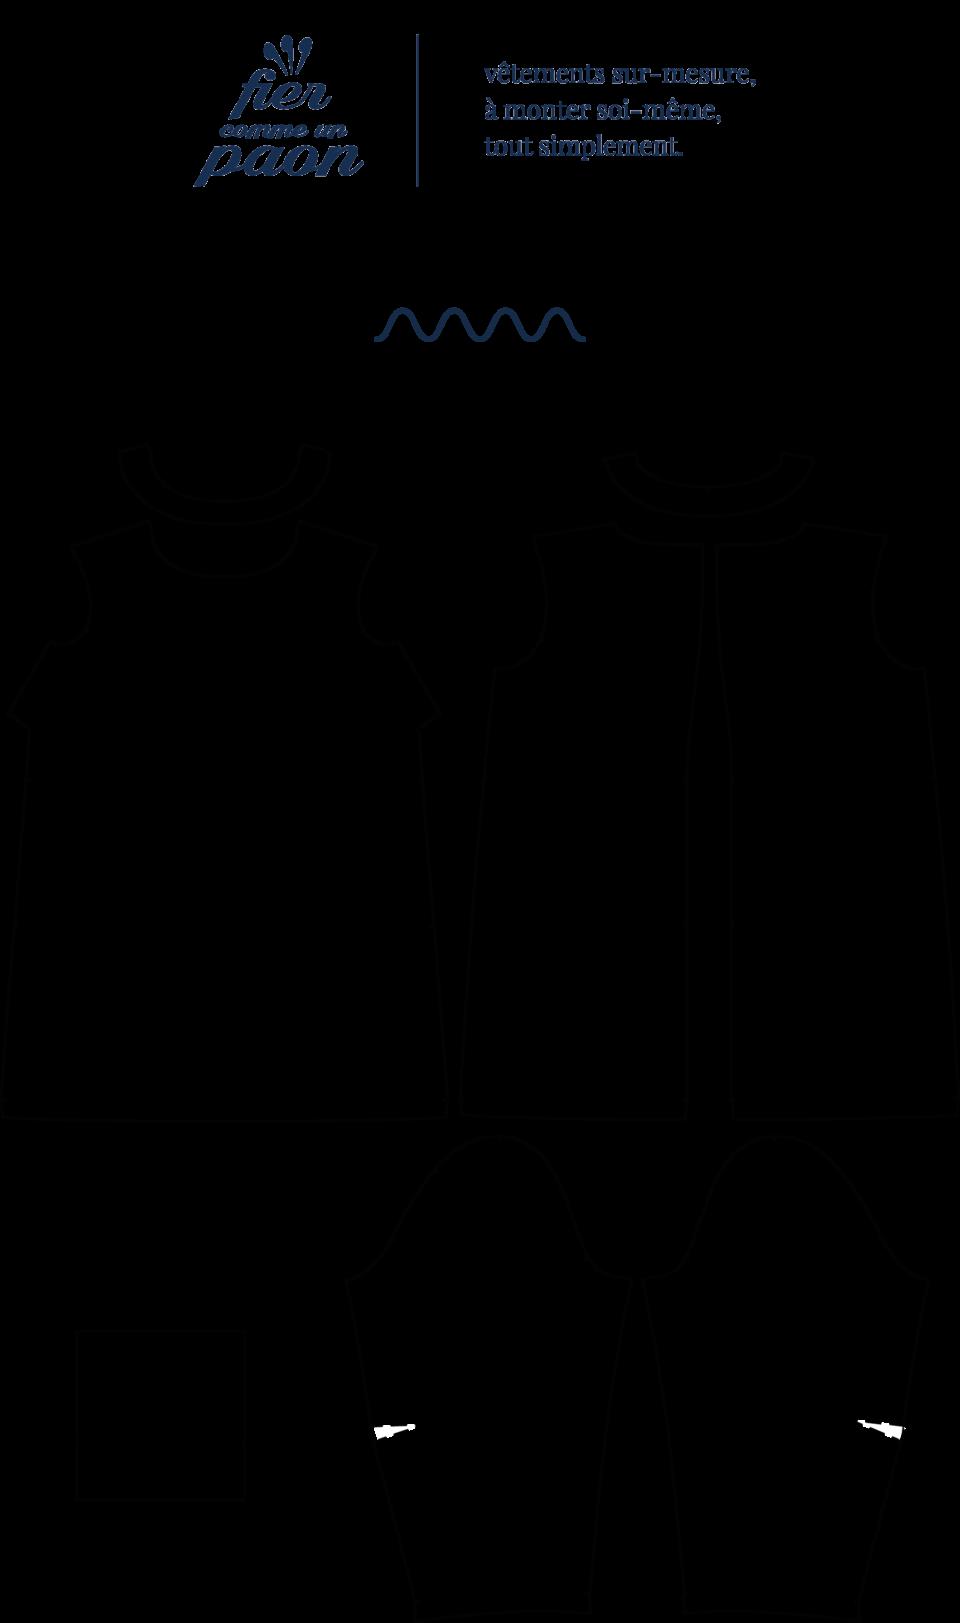 une image du patron de couture femme sur mesure du top ou haut été droite et fluide en col rond avec des manches courtes. Ce patron est simple à coudre pour les débutants en couture.